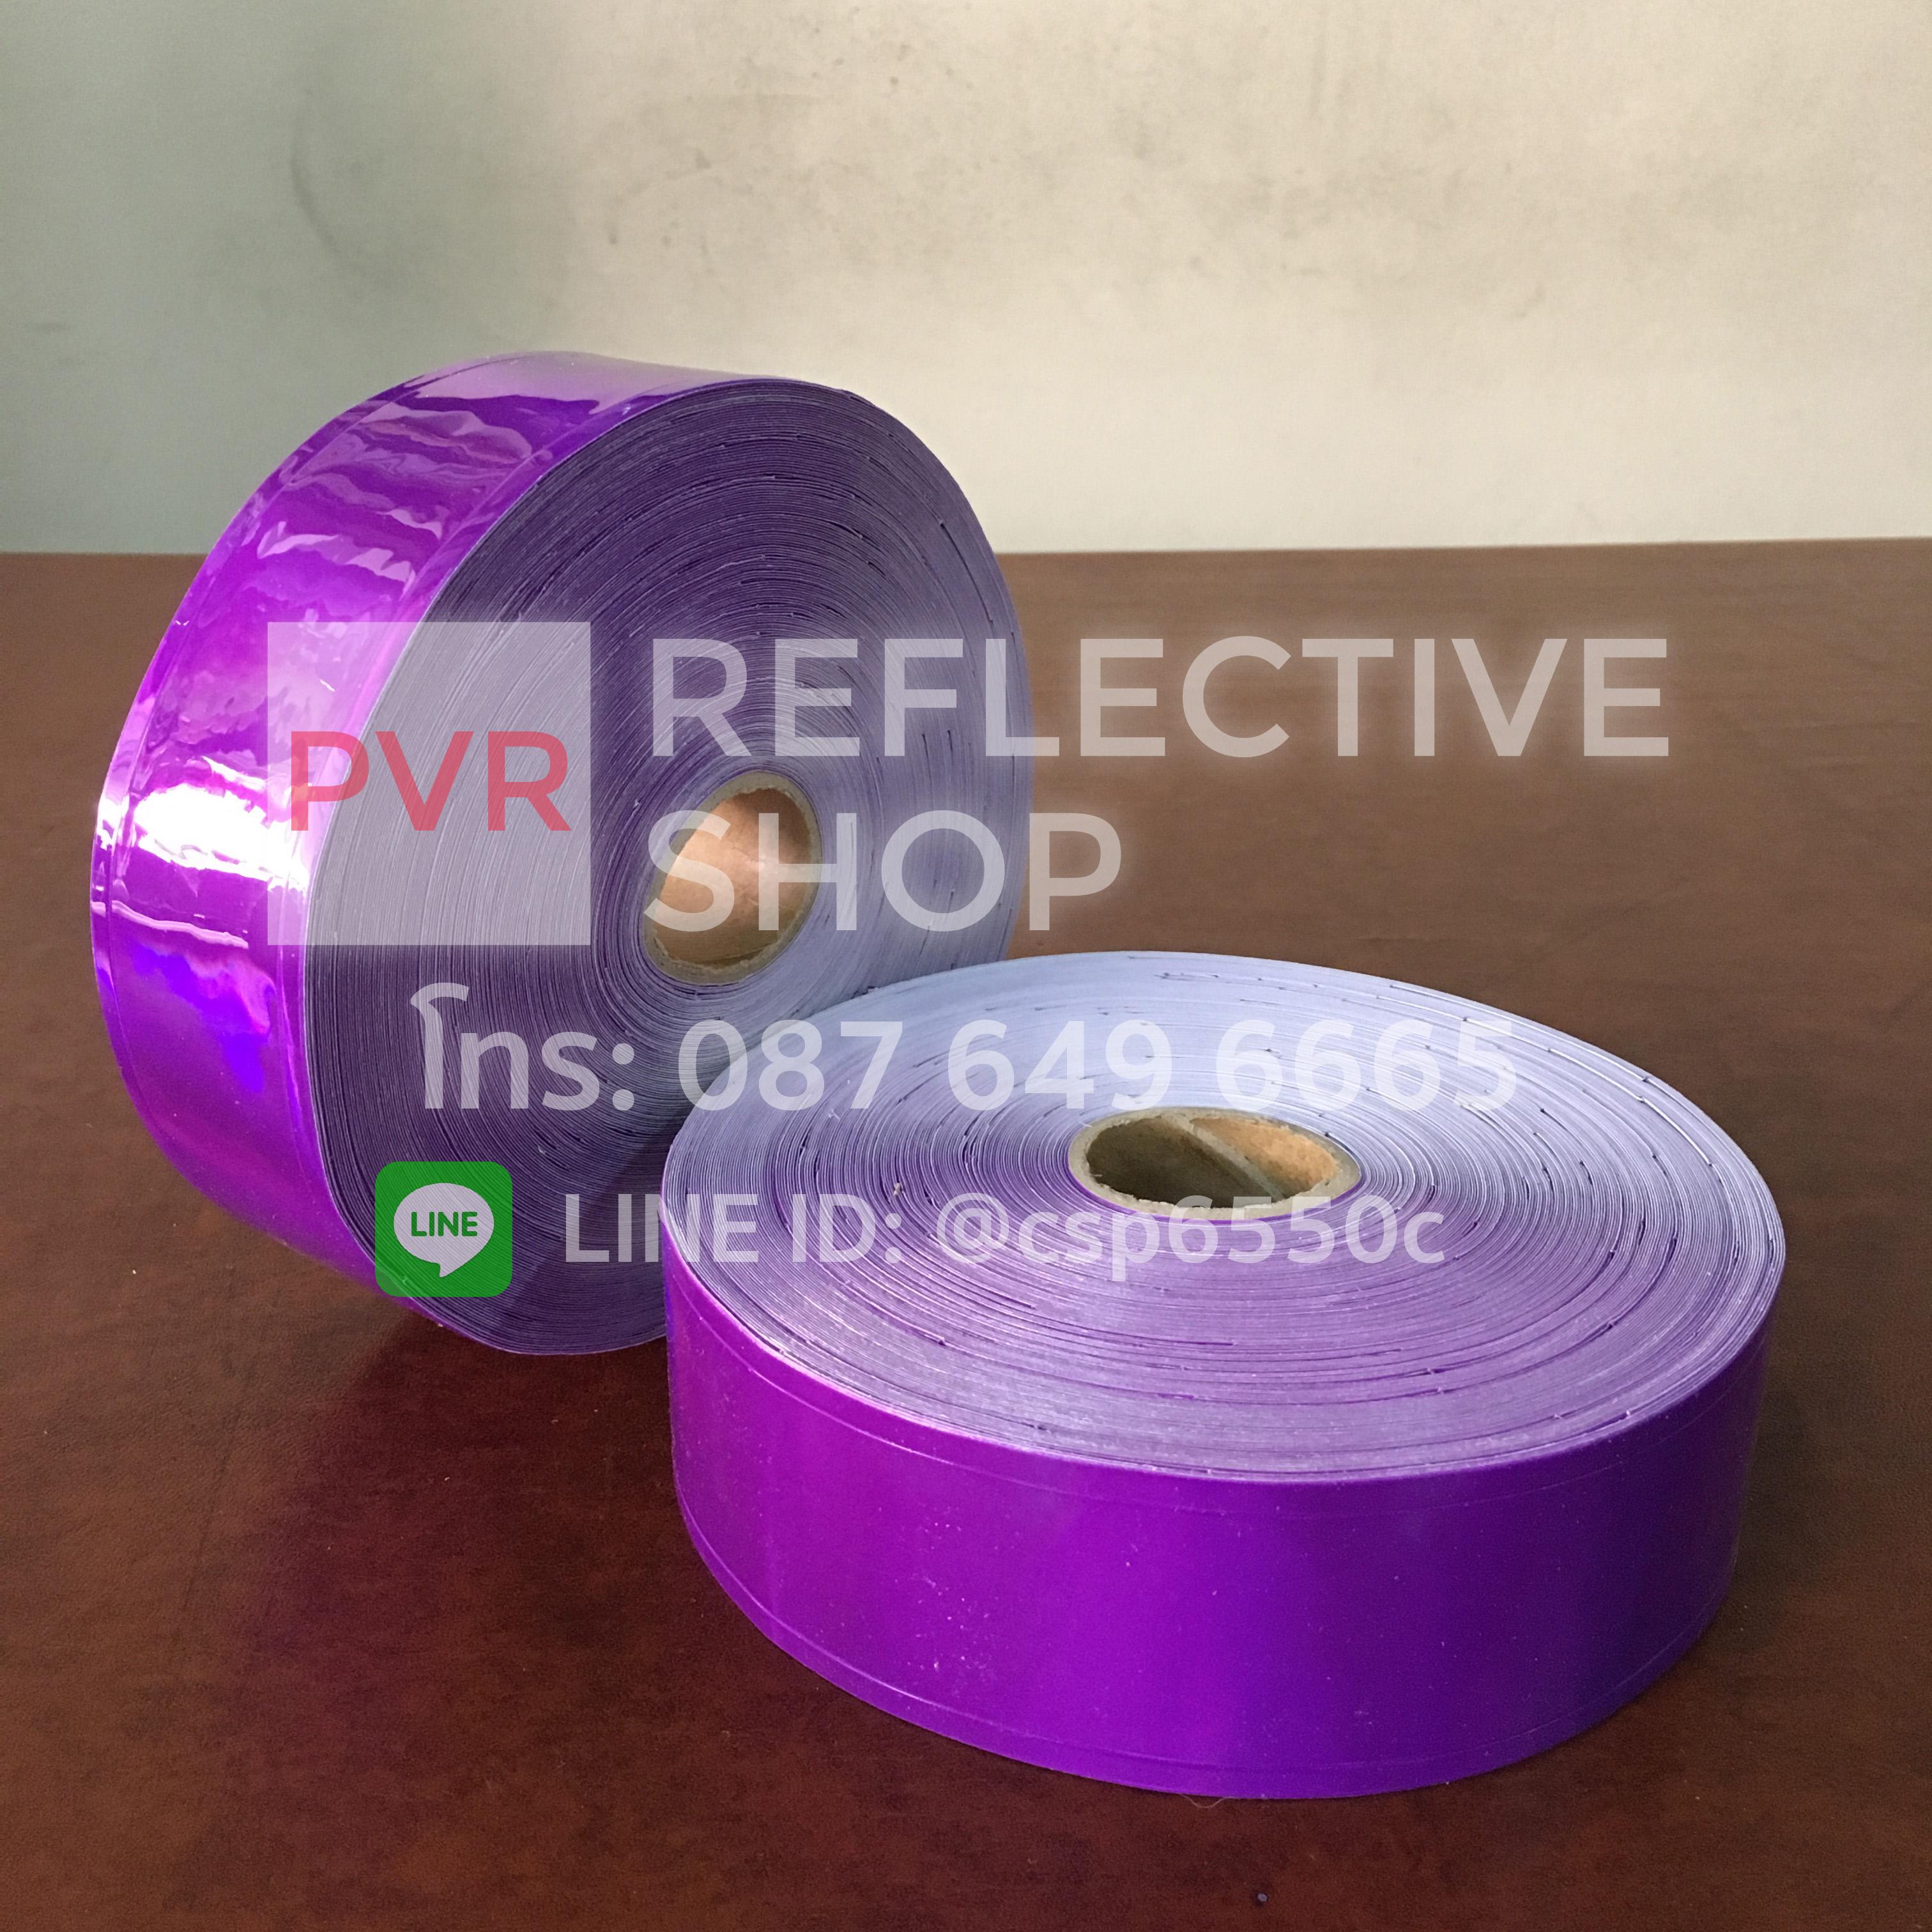 แถบPVCสะท้อนแสง แบบเรียบ 2นิ้ว สีม่วง